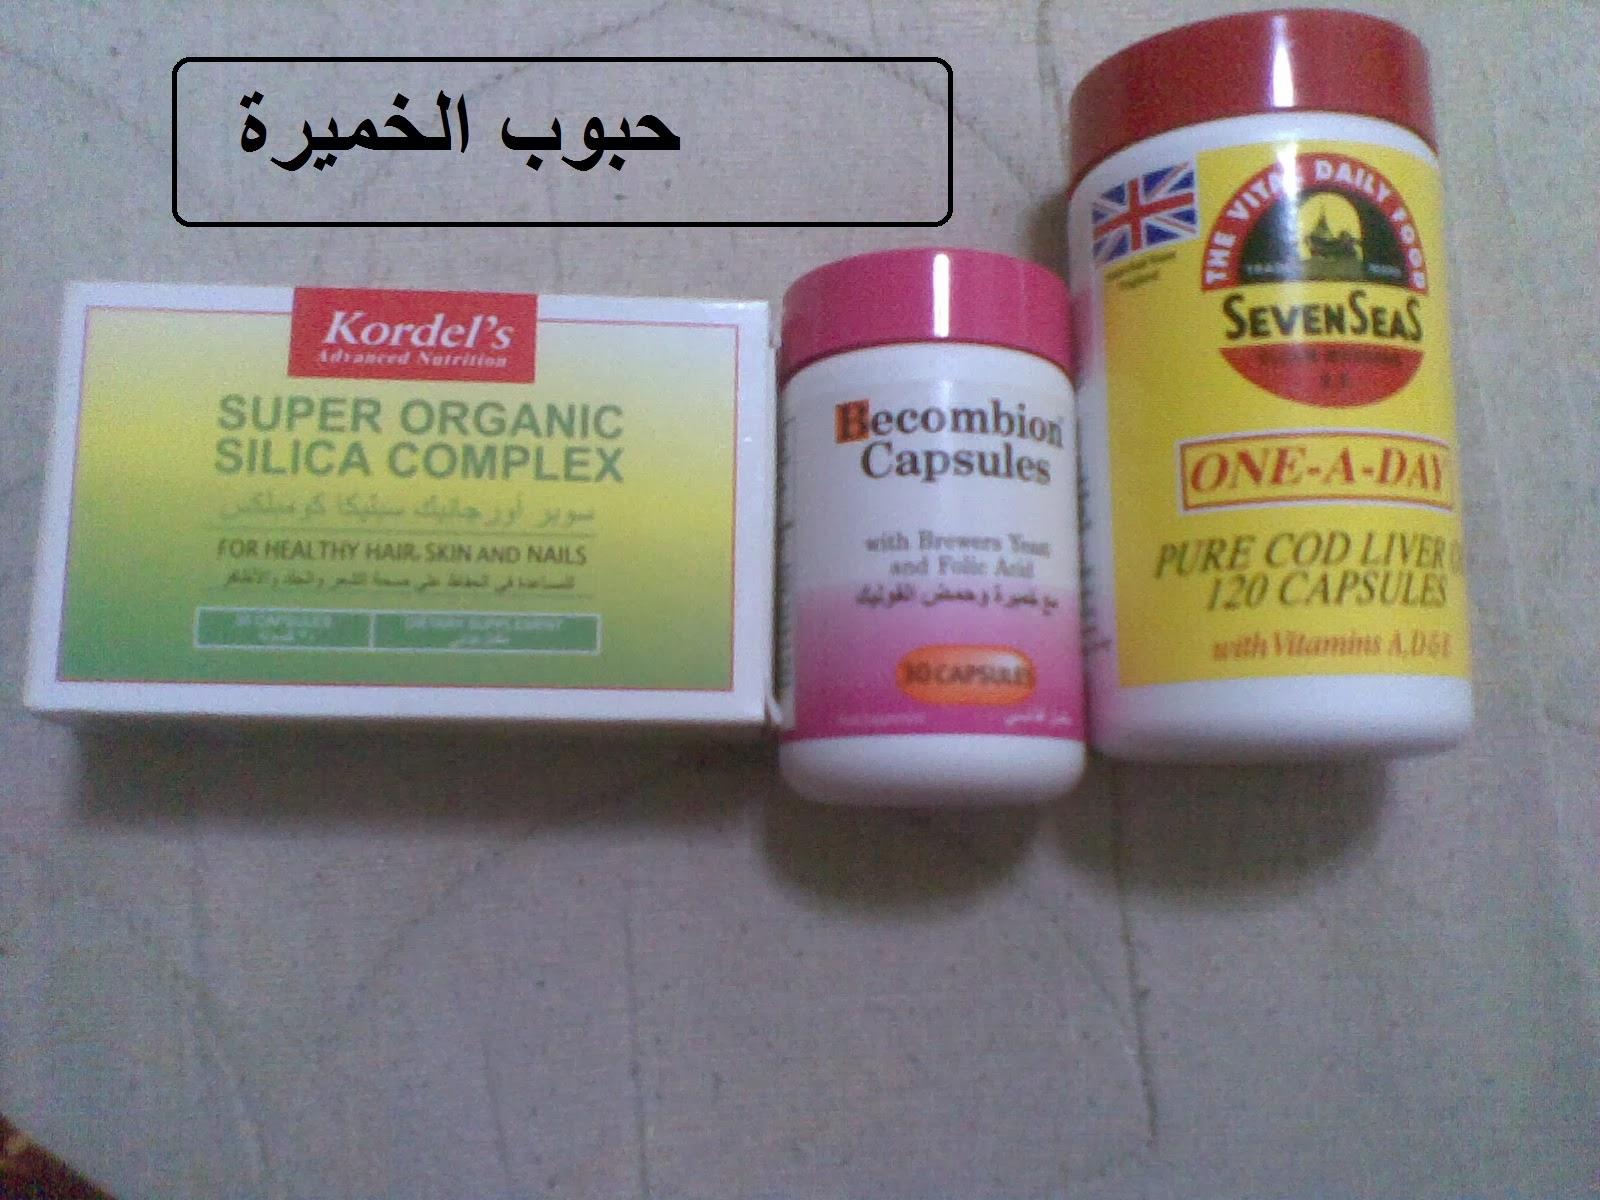 بالصور حبوب الخميرة للتنحيف جابر القحطاني , حبوب الخمبره وفوائدها للتنحنيف 5876